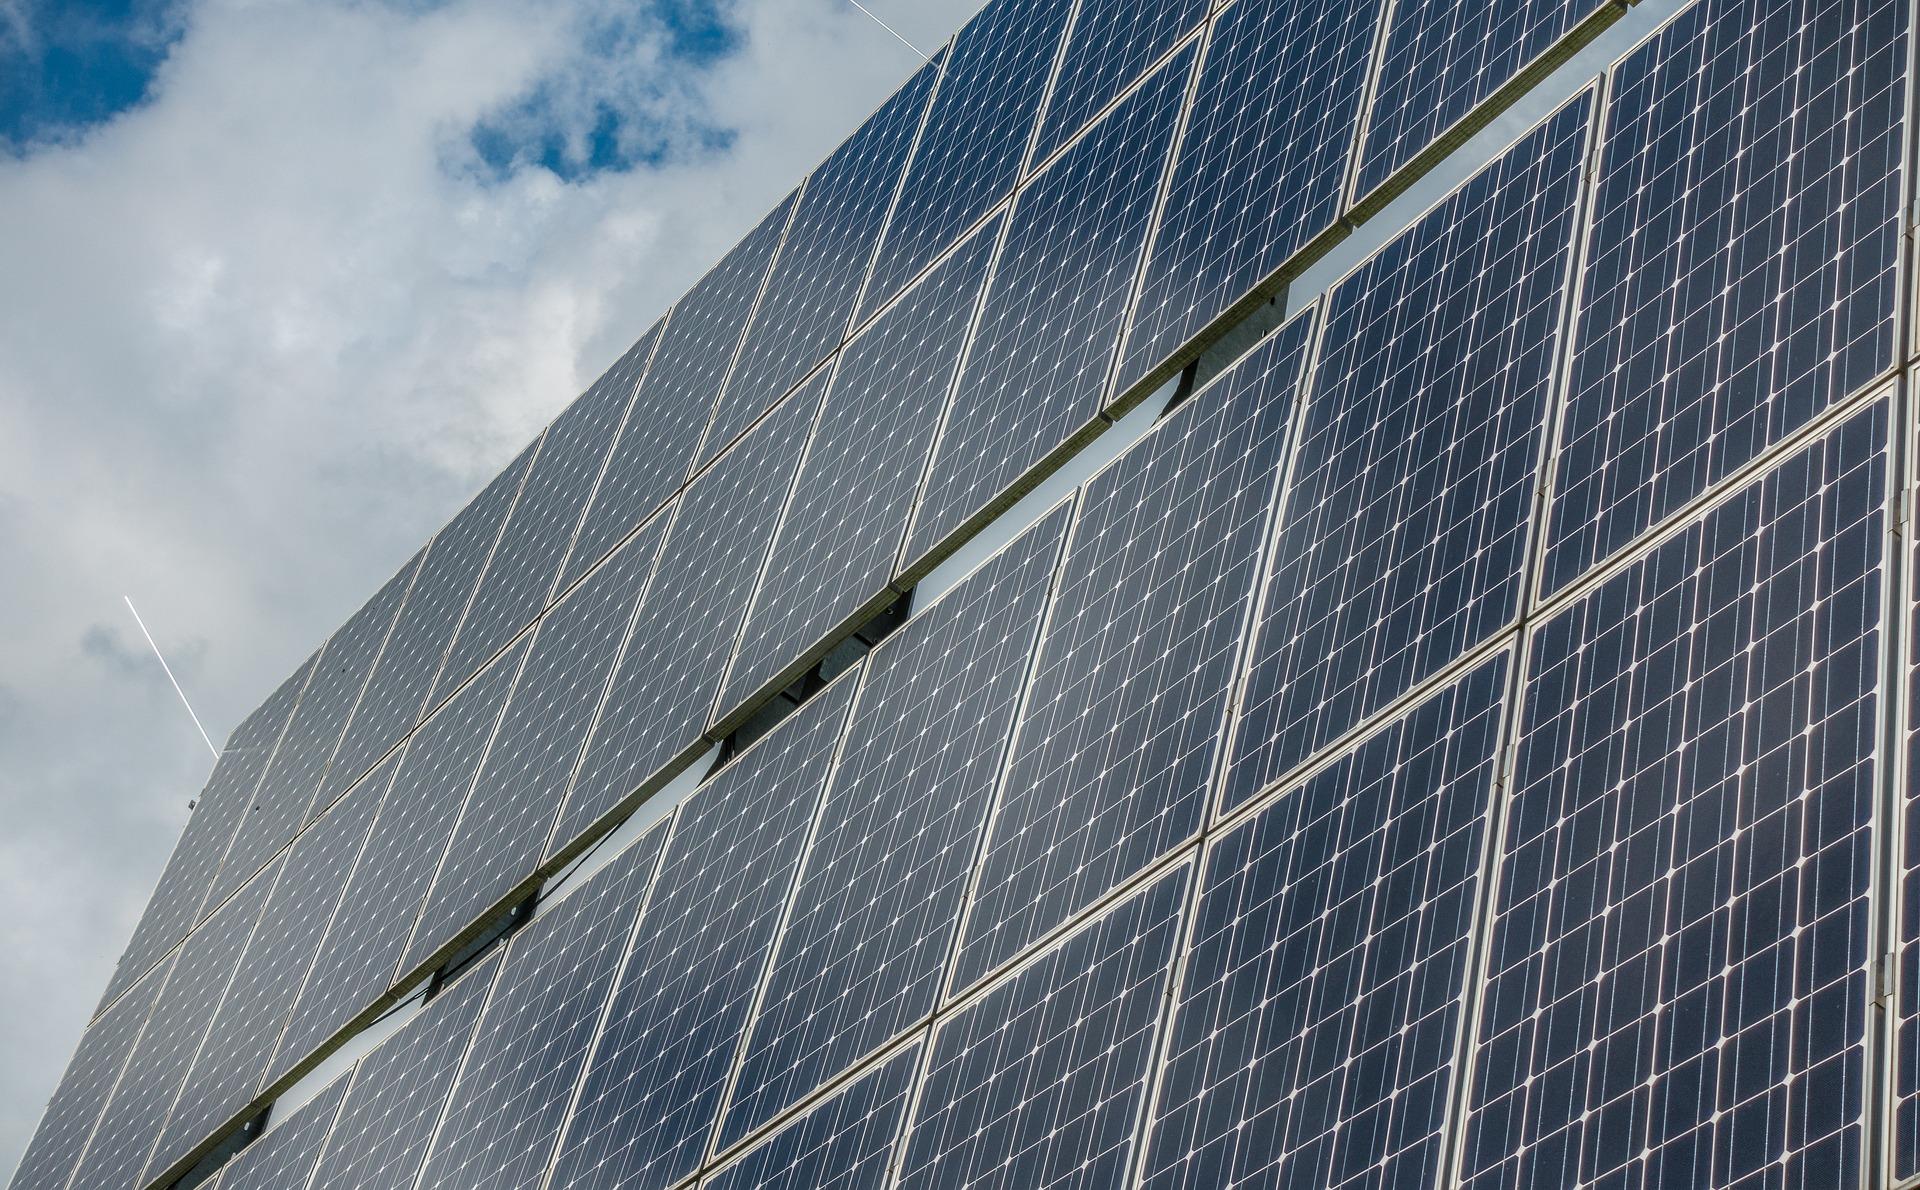 Tízmillió négyzetméternyi napelemmel csökkentené Budapest károsanyag-kibocsátását a városvezetés